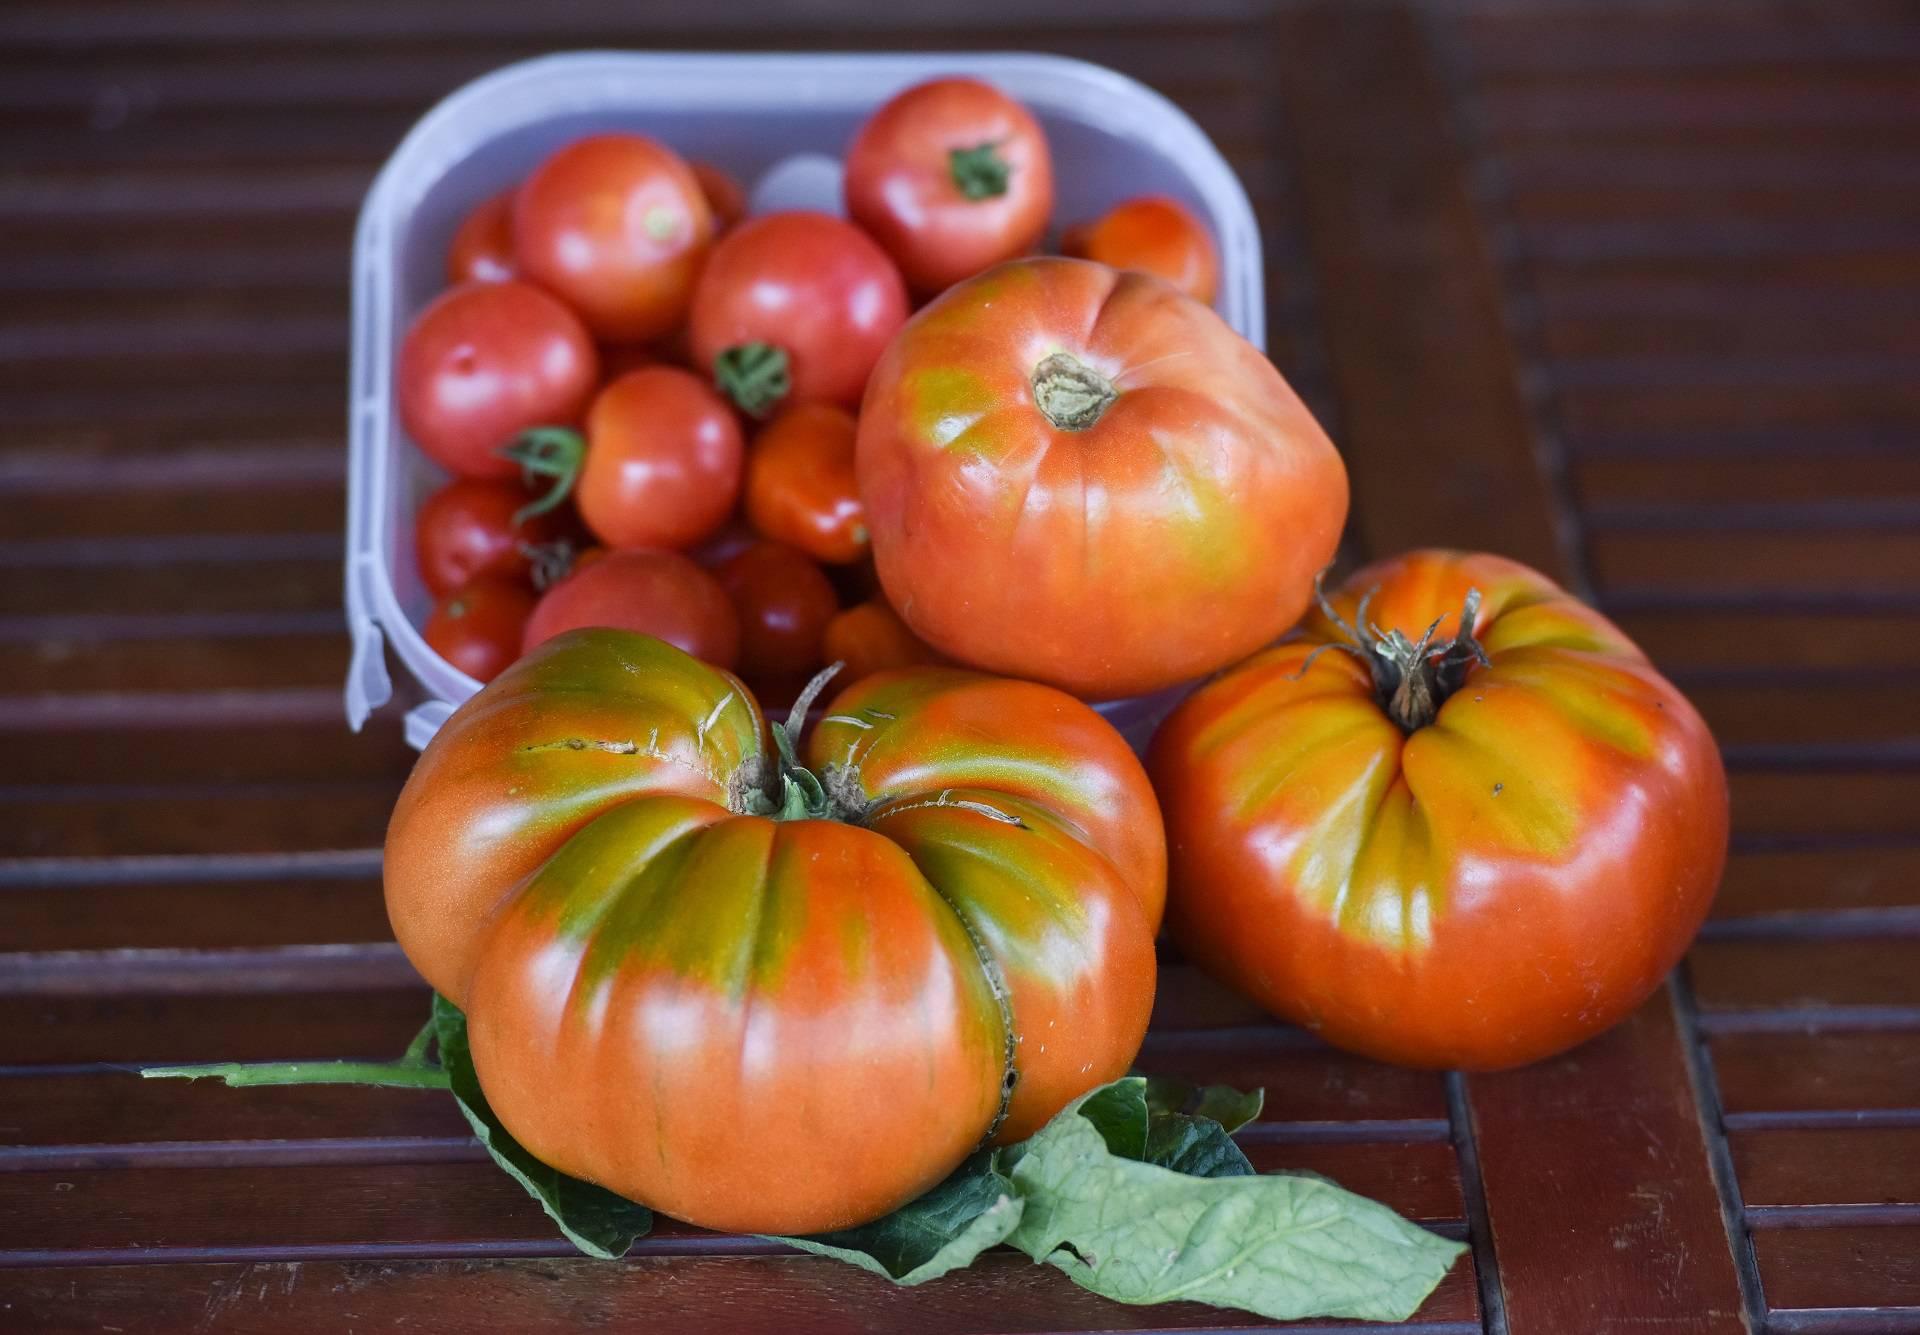 Veći uvoz voća i povrća: Strana rajčica bolja nam je od domaće